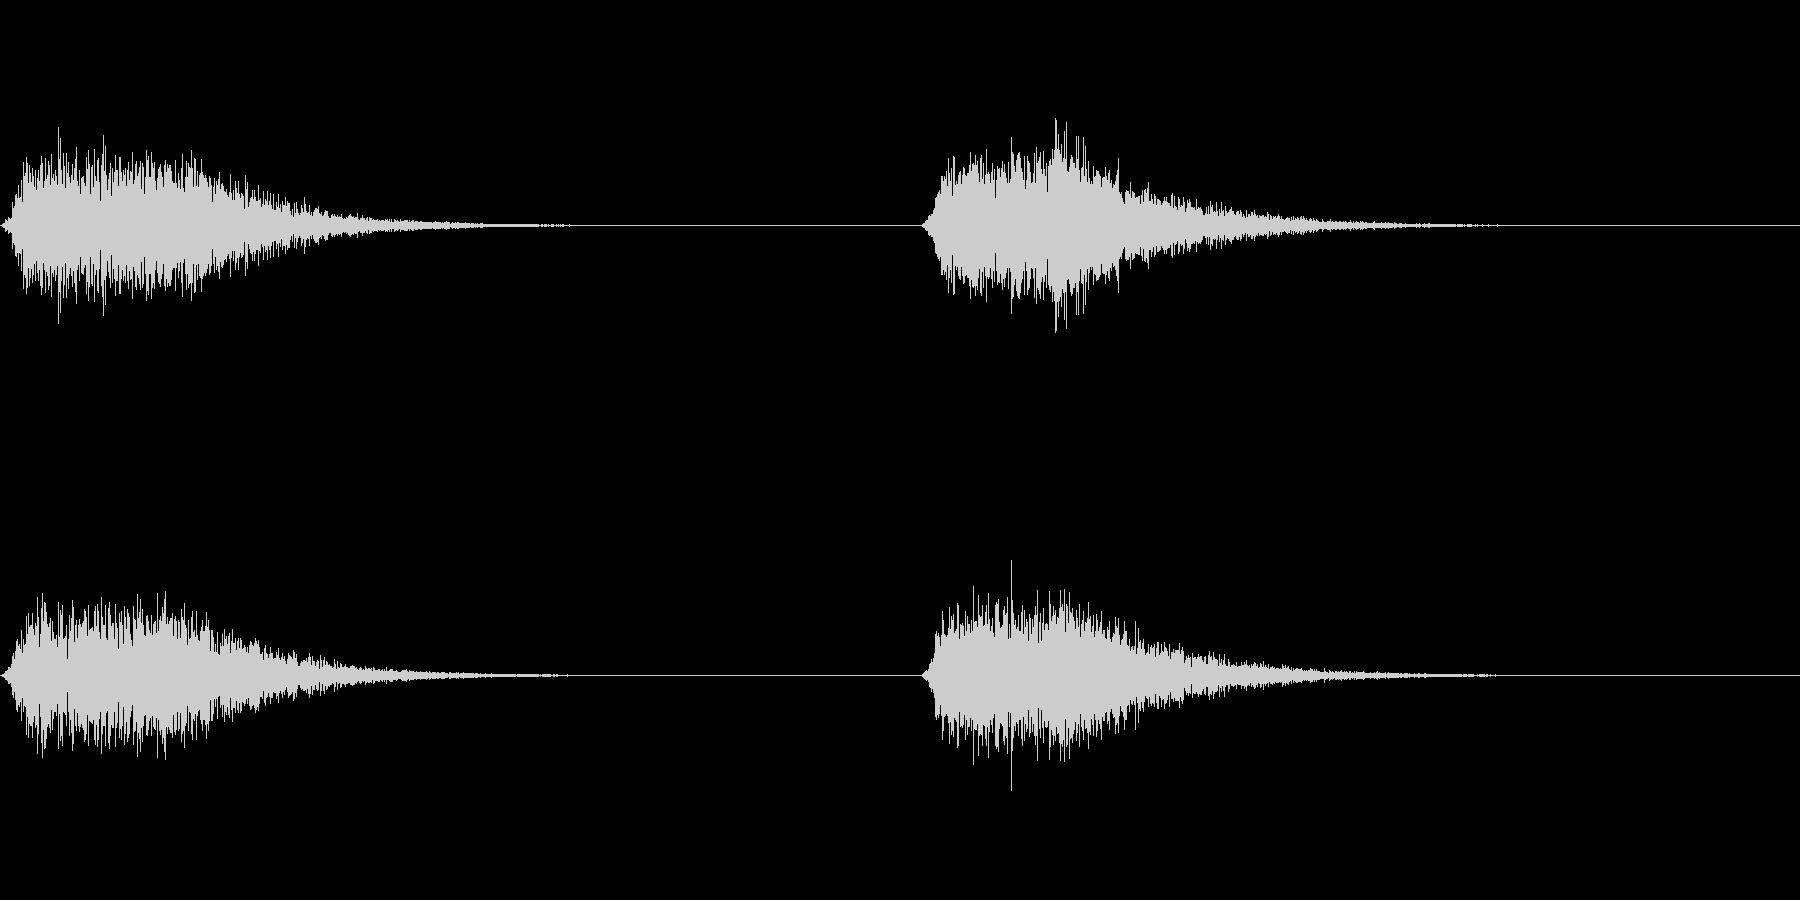 シュイーン:コックピットのドアの開閉音の未再生の波形